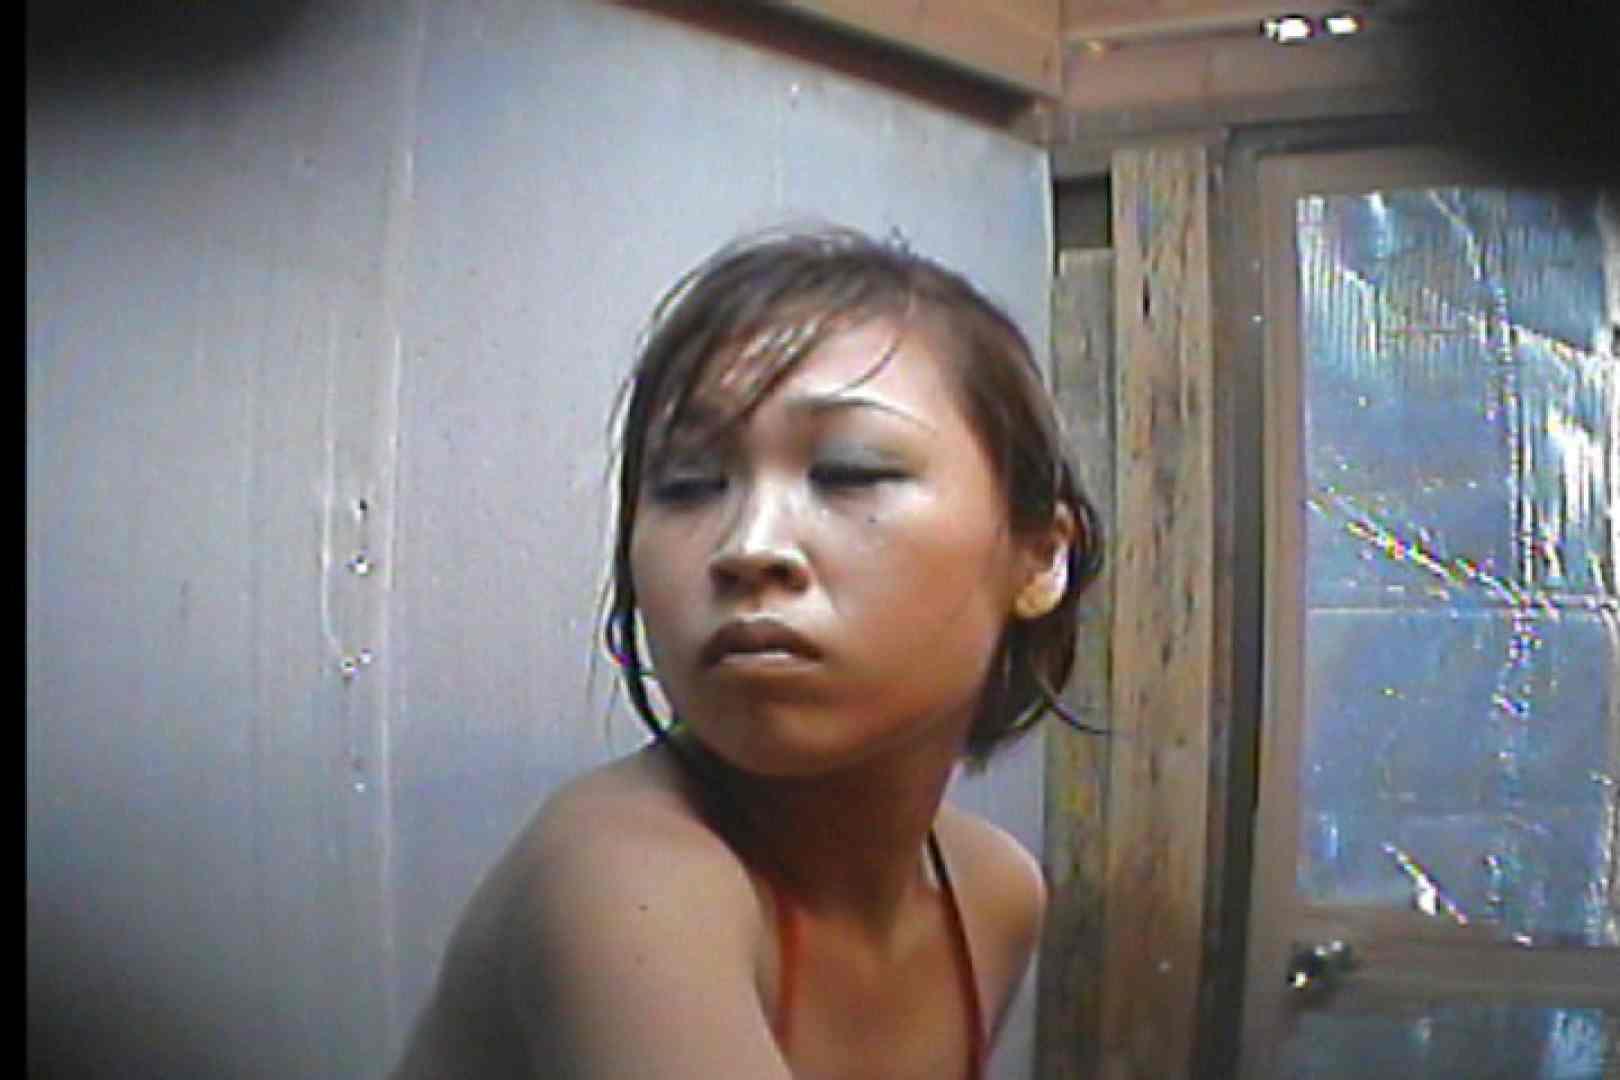 海の家の更衣室 Vol.55 シャワー すけべAV動画紹介 46連発 2